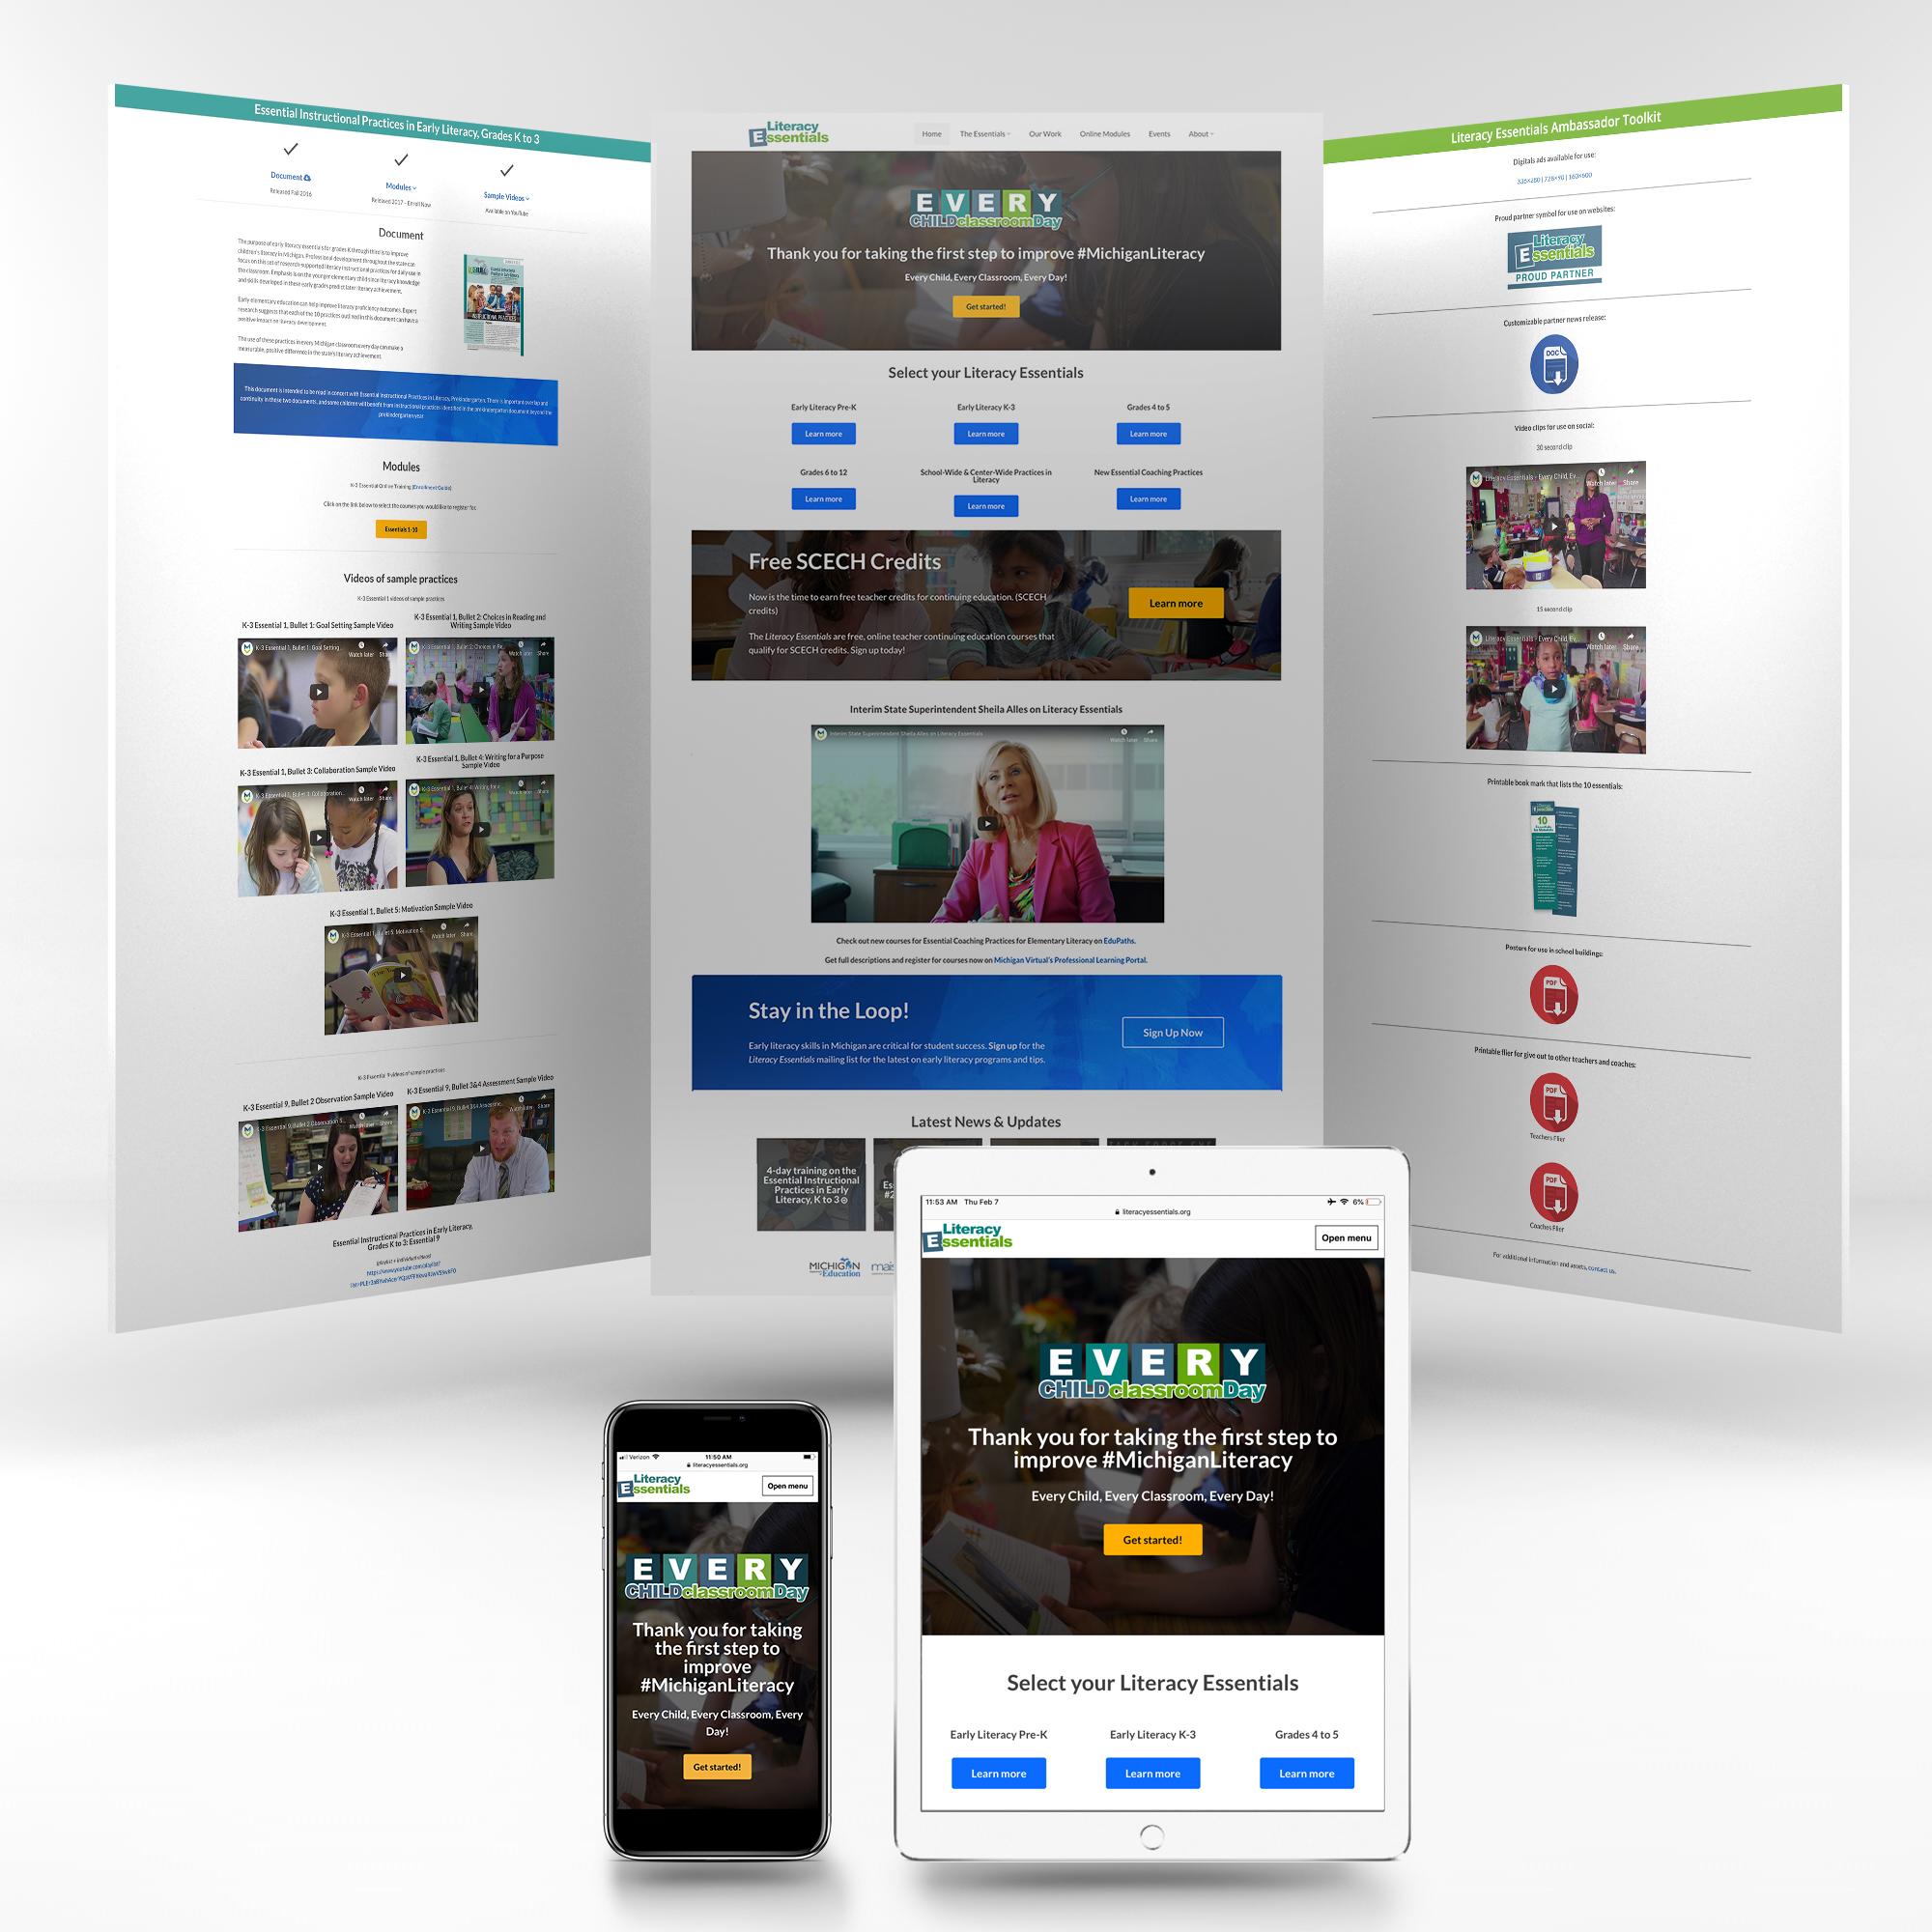 Edge_MVU_LitEss_Website.jpg